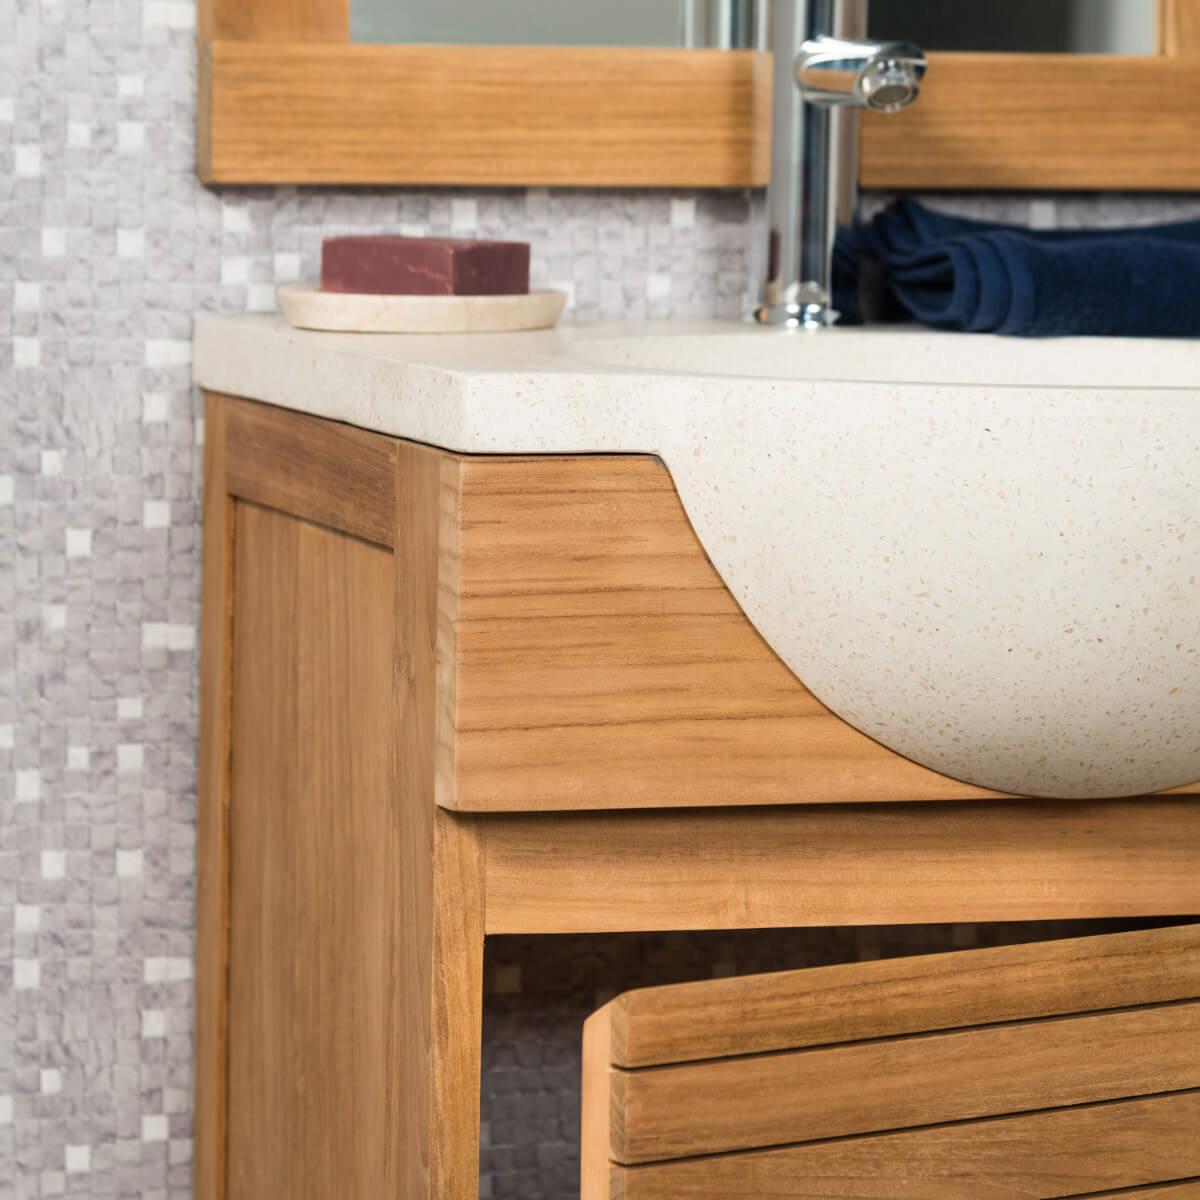 Meuble sous vasque (simple vasque) en bois (teck) massif ...